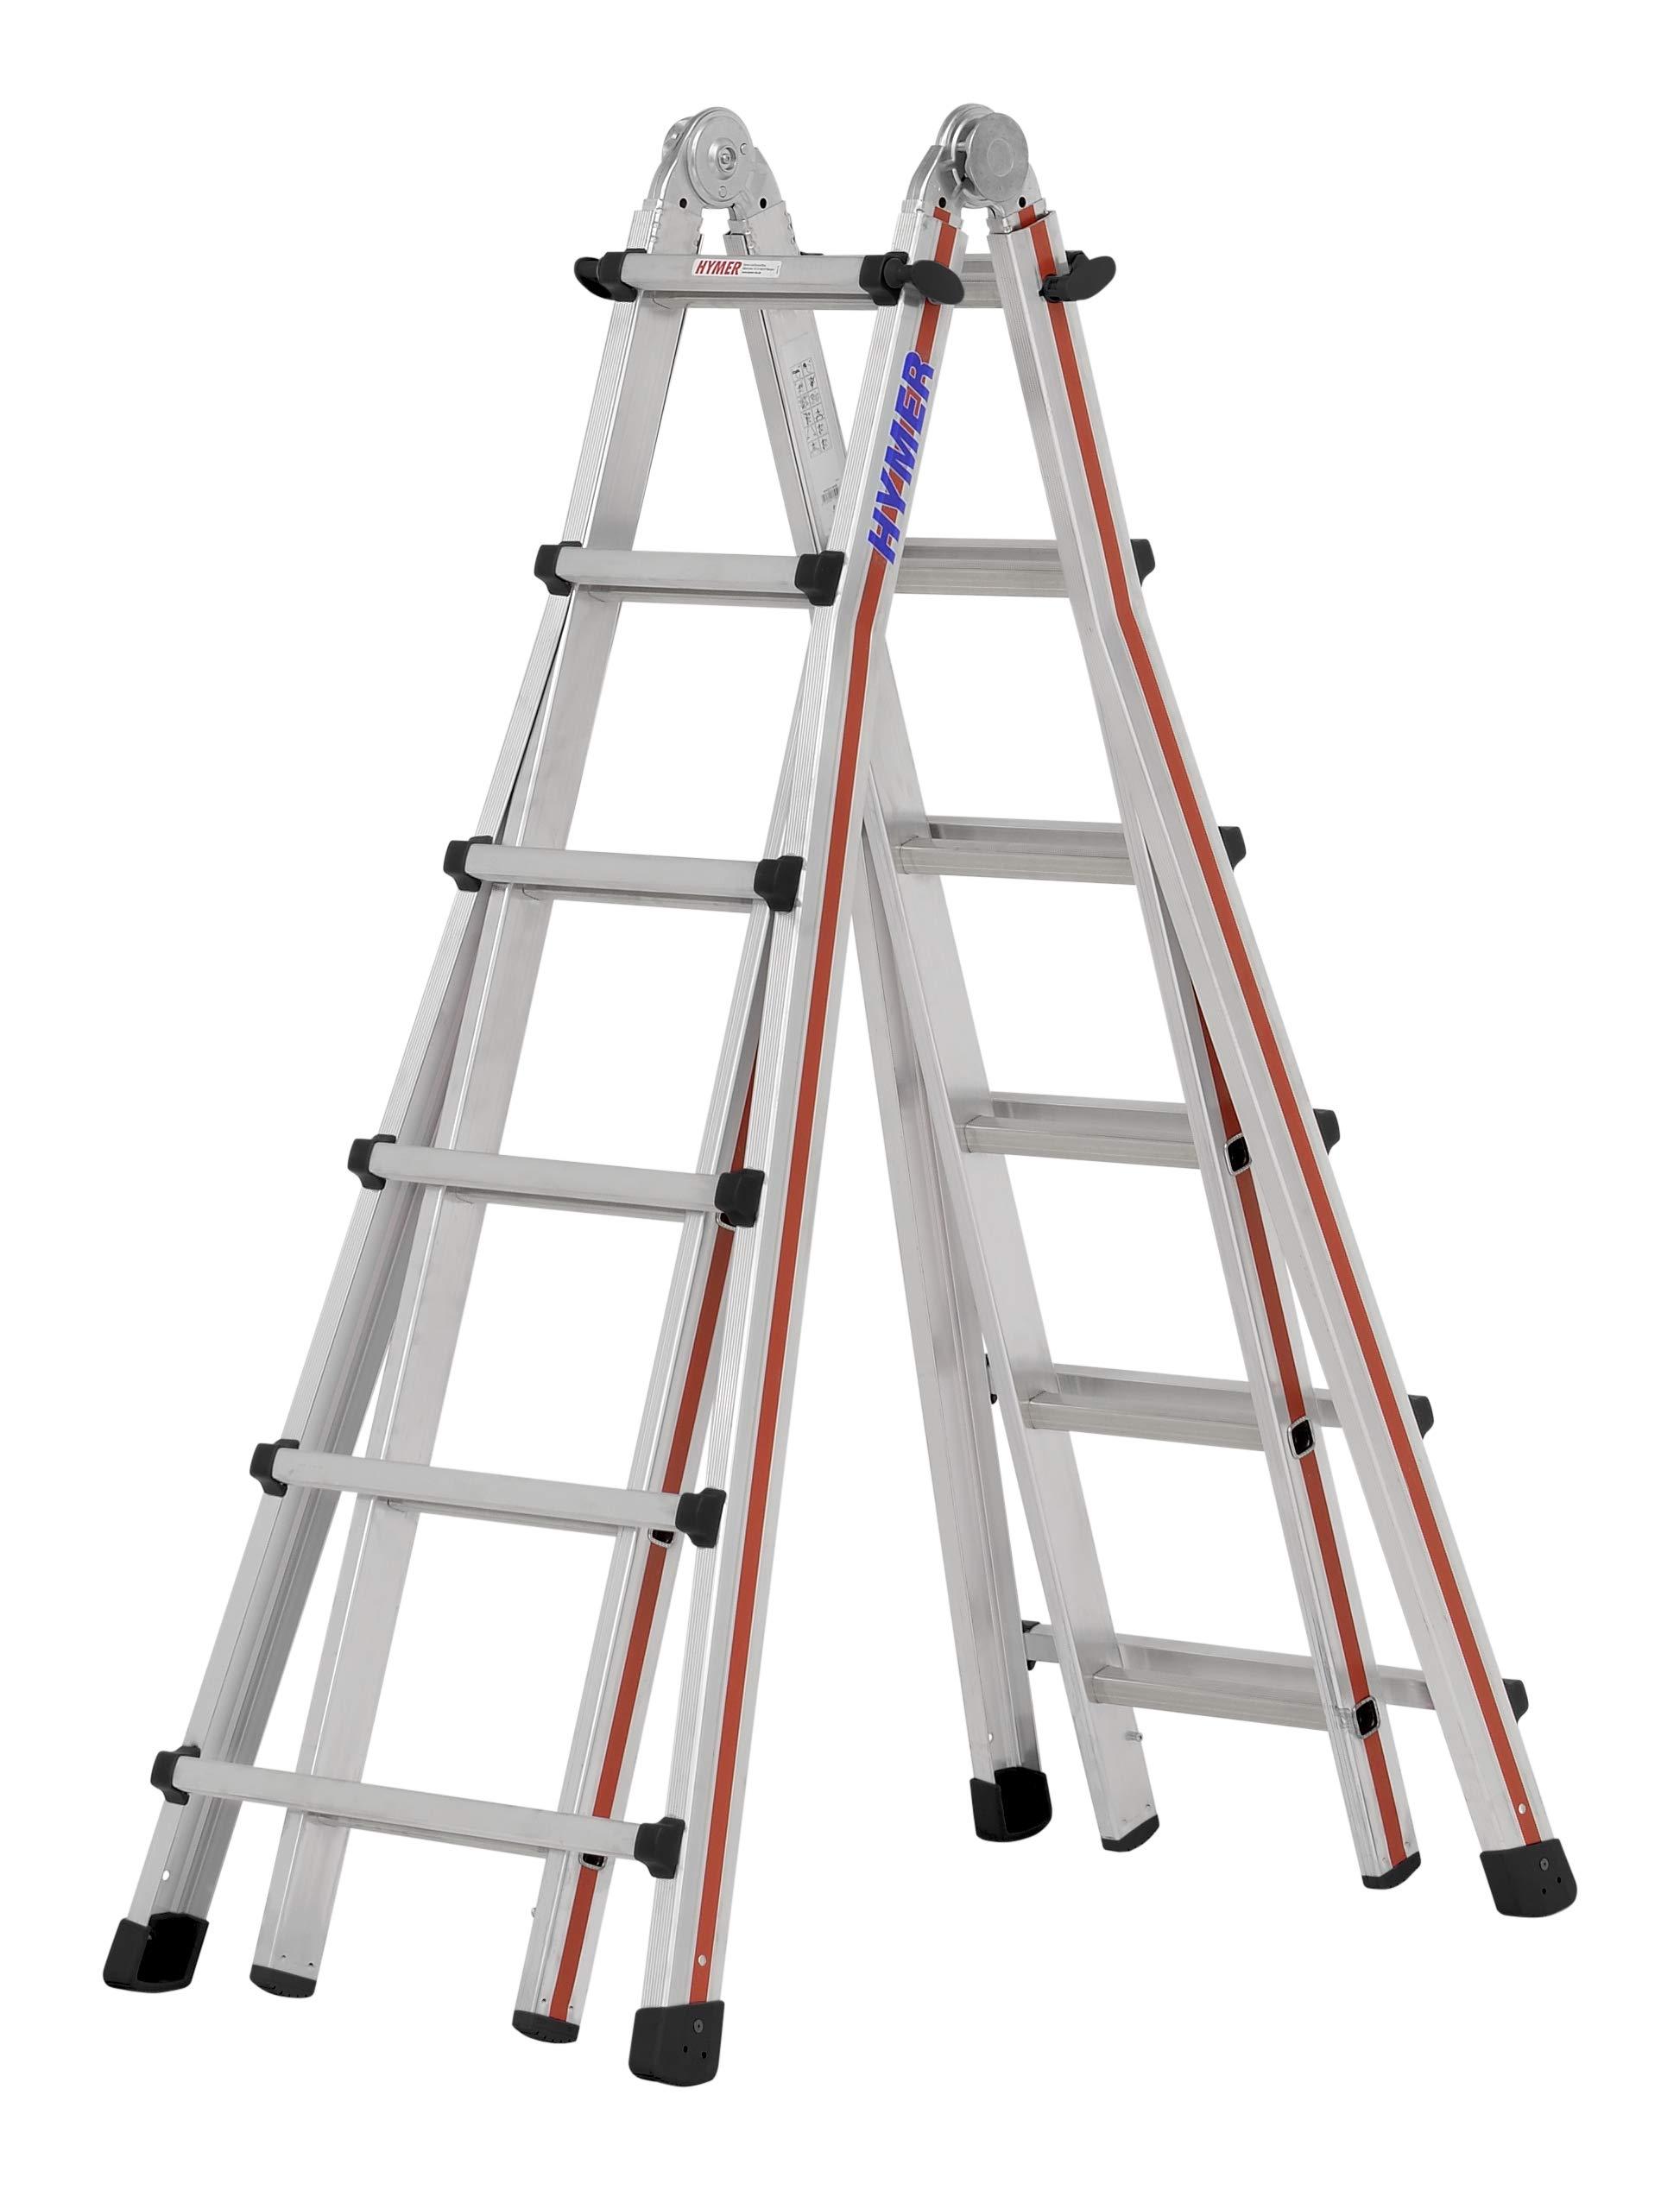 HYMER 404224 - Escalera telescópica: Amazon.es: Bricolaje y herramientas